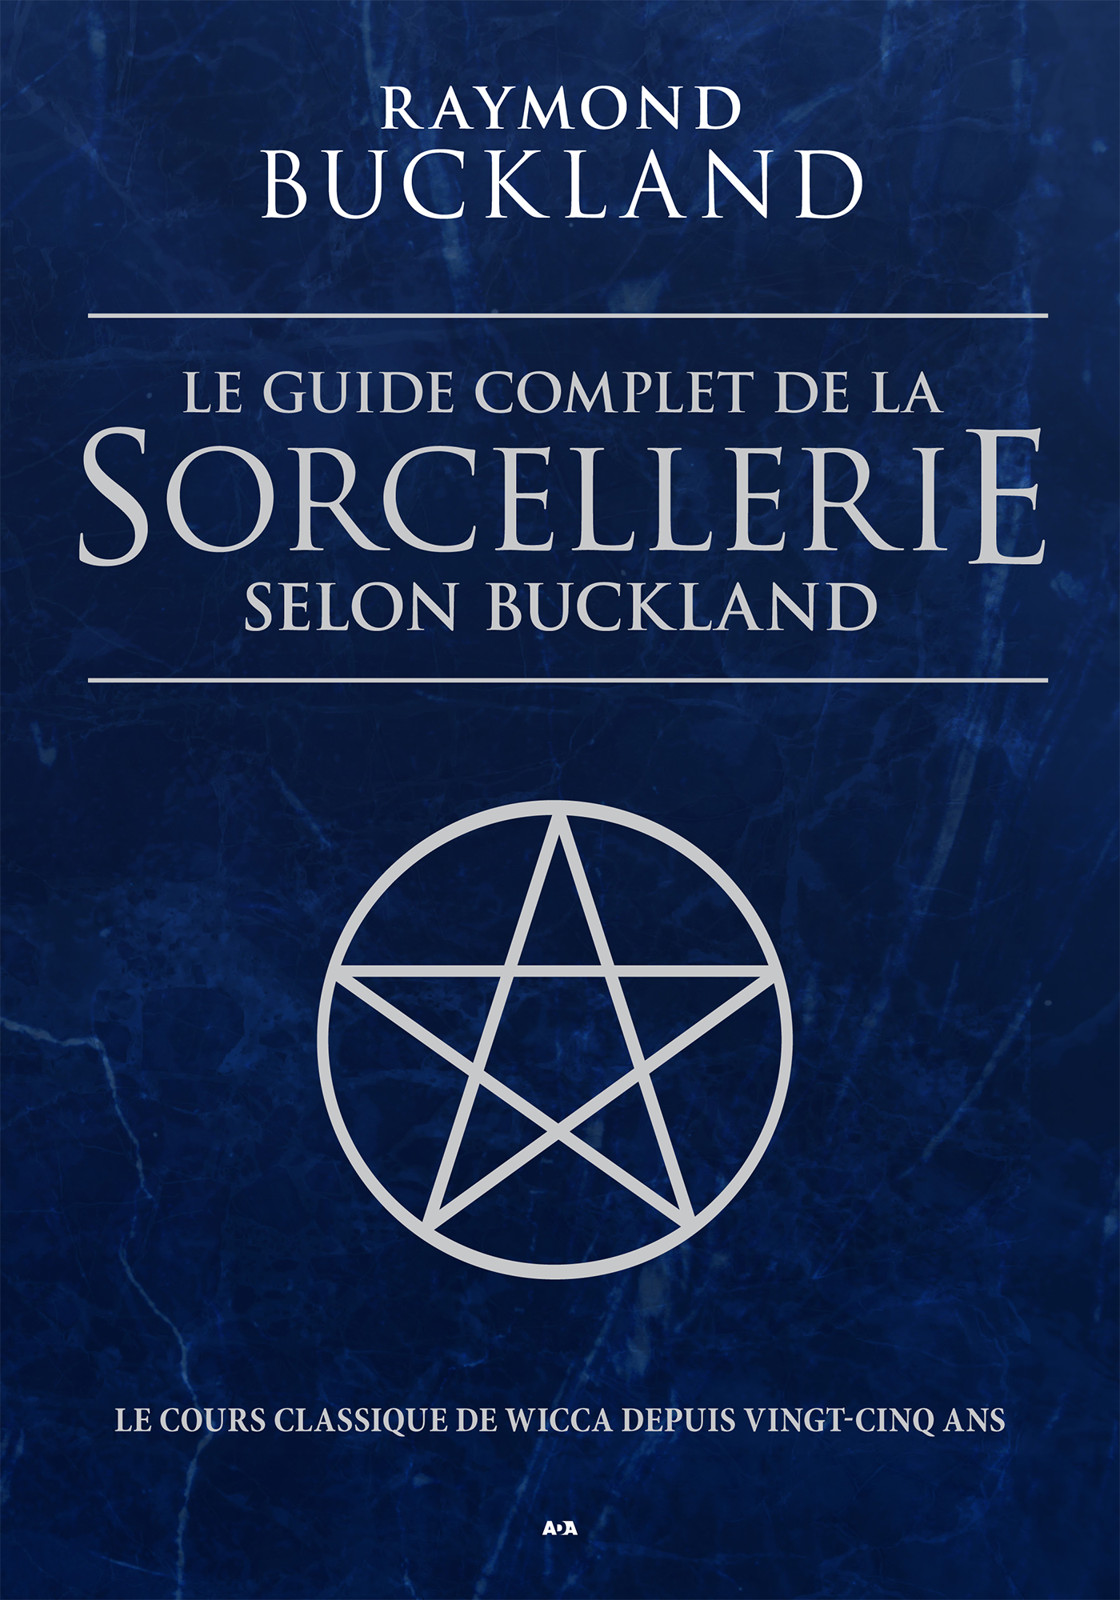 Le guide complet de la sorcellerie selon Buckland, Le guide classique de la sorcellerie